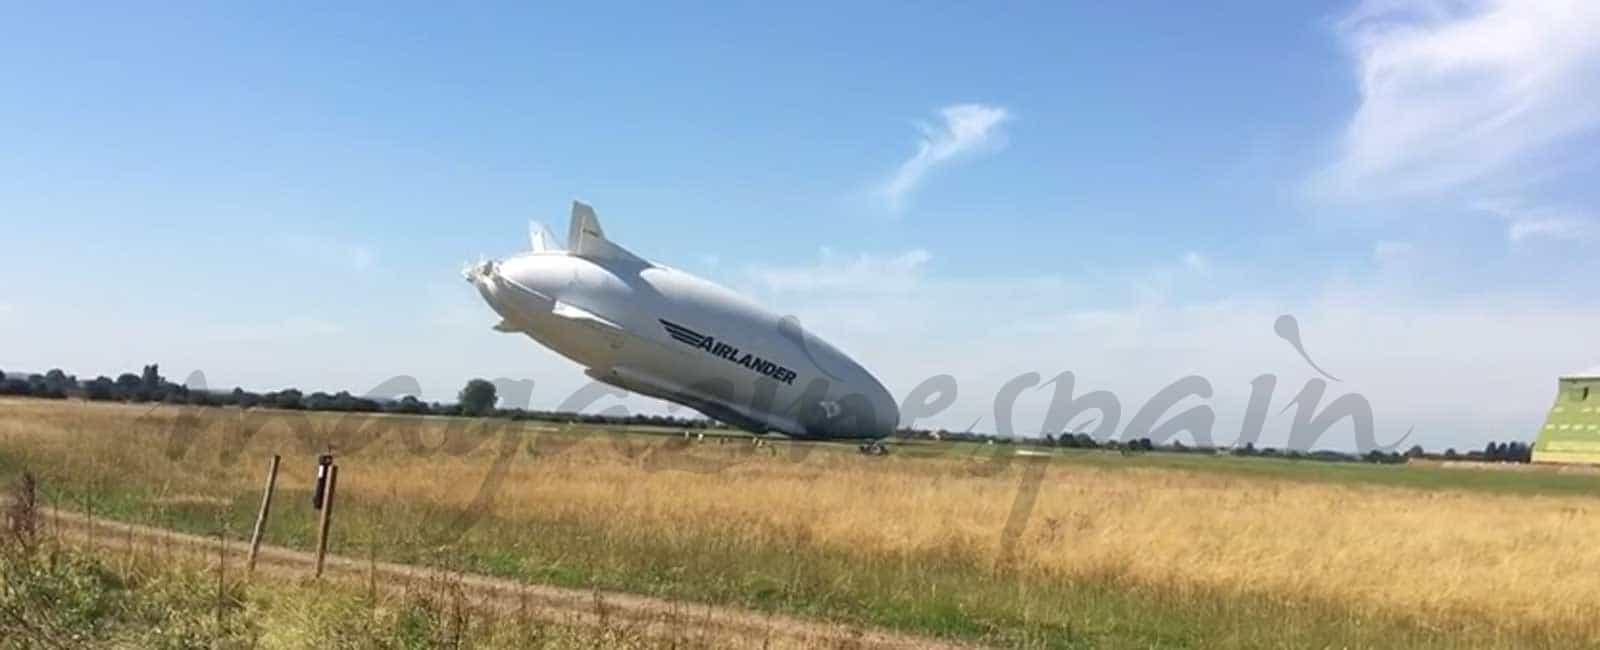 Se estrella el Airlander, el avión más grande del mundo